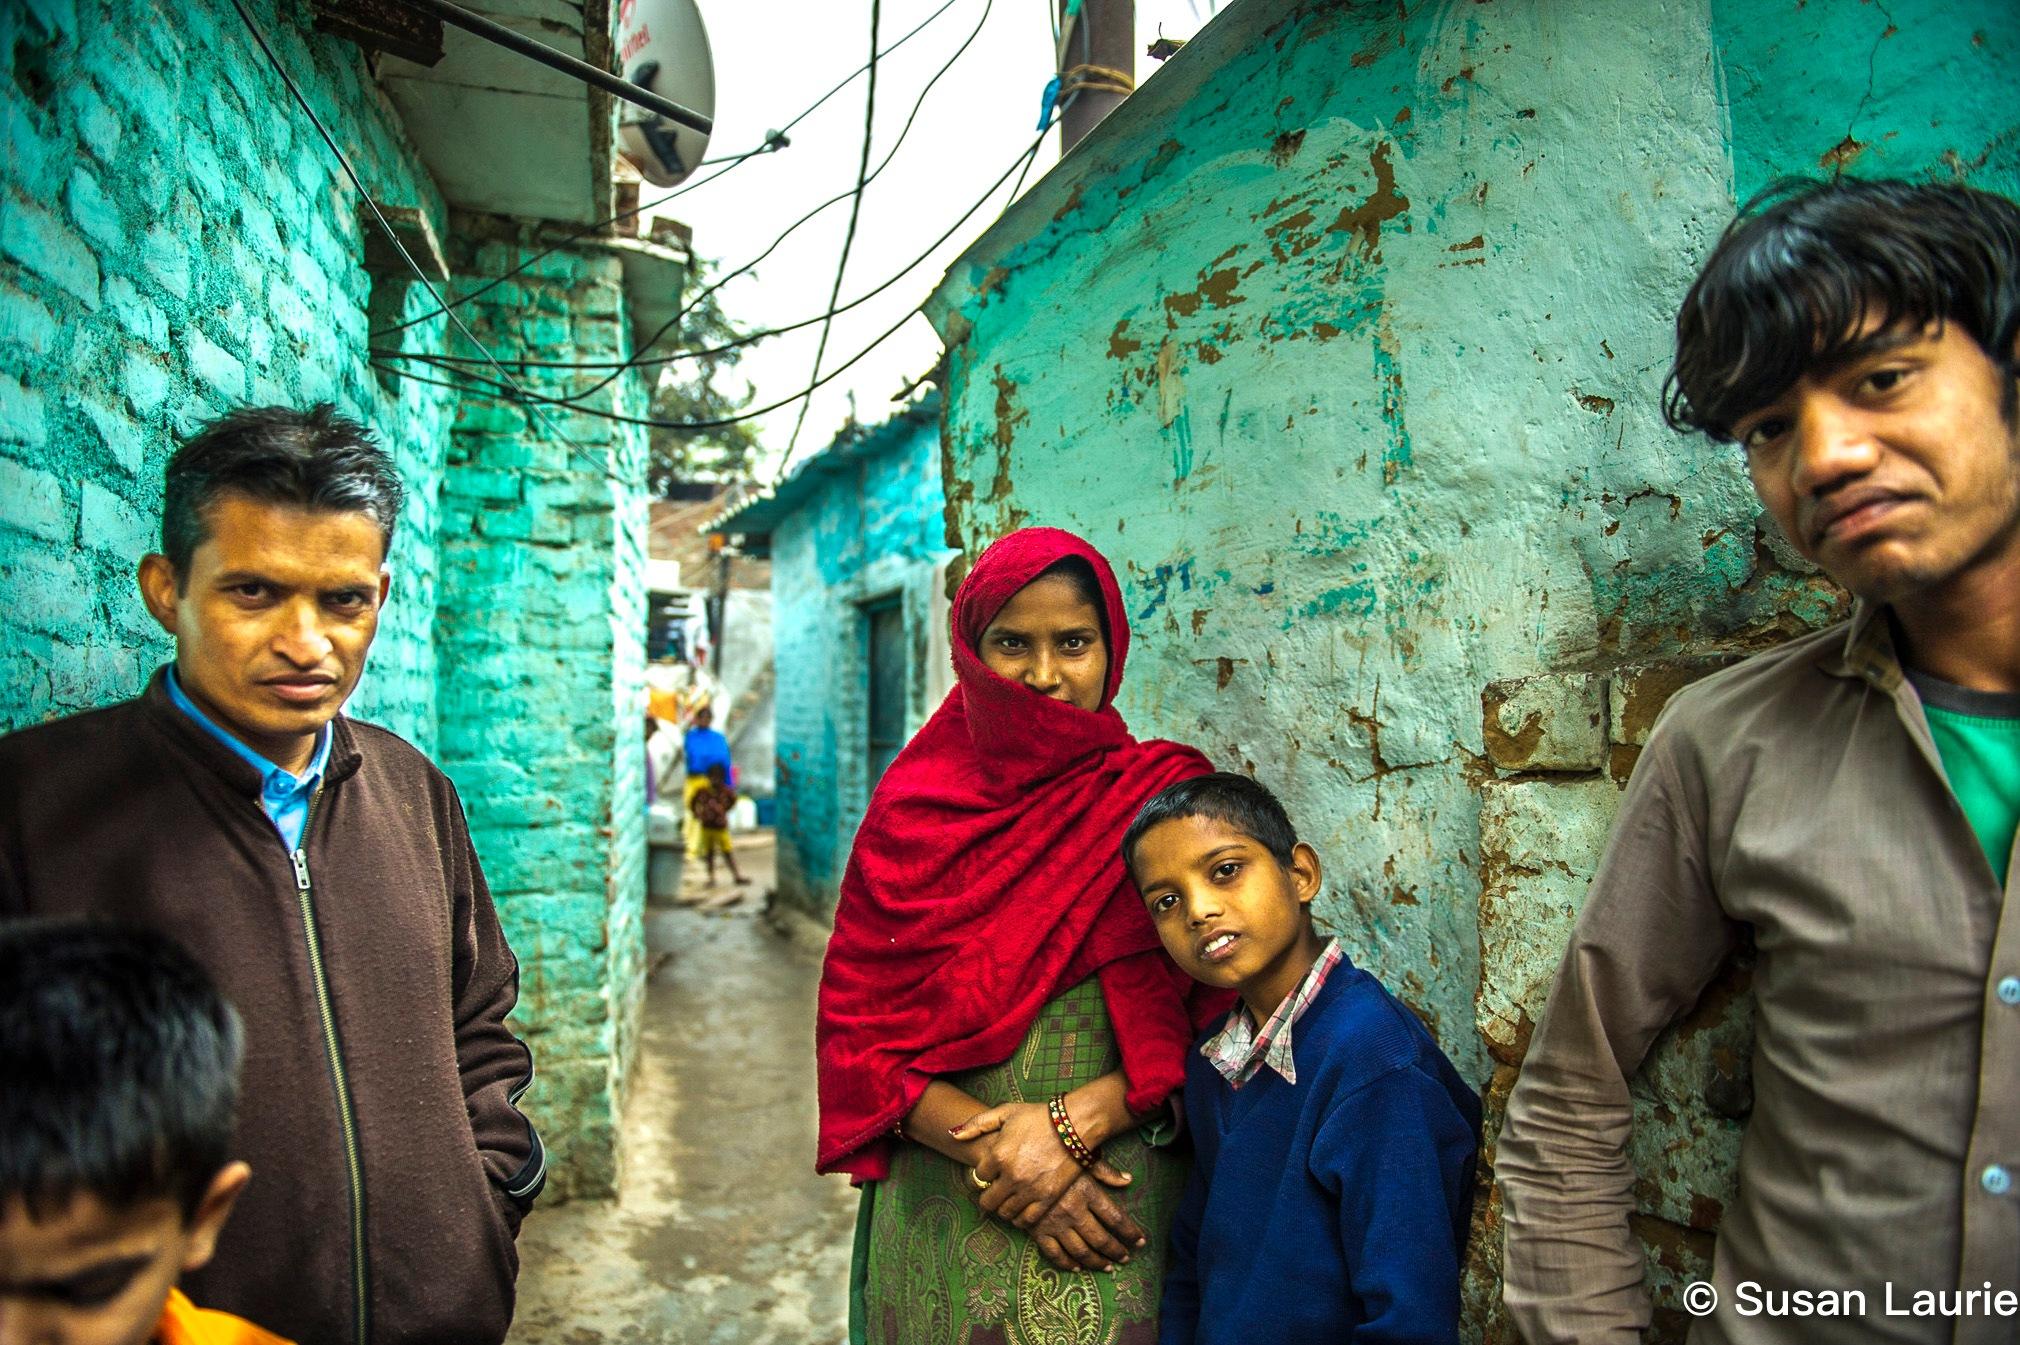 Slum Life by Susan Laurie